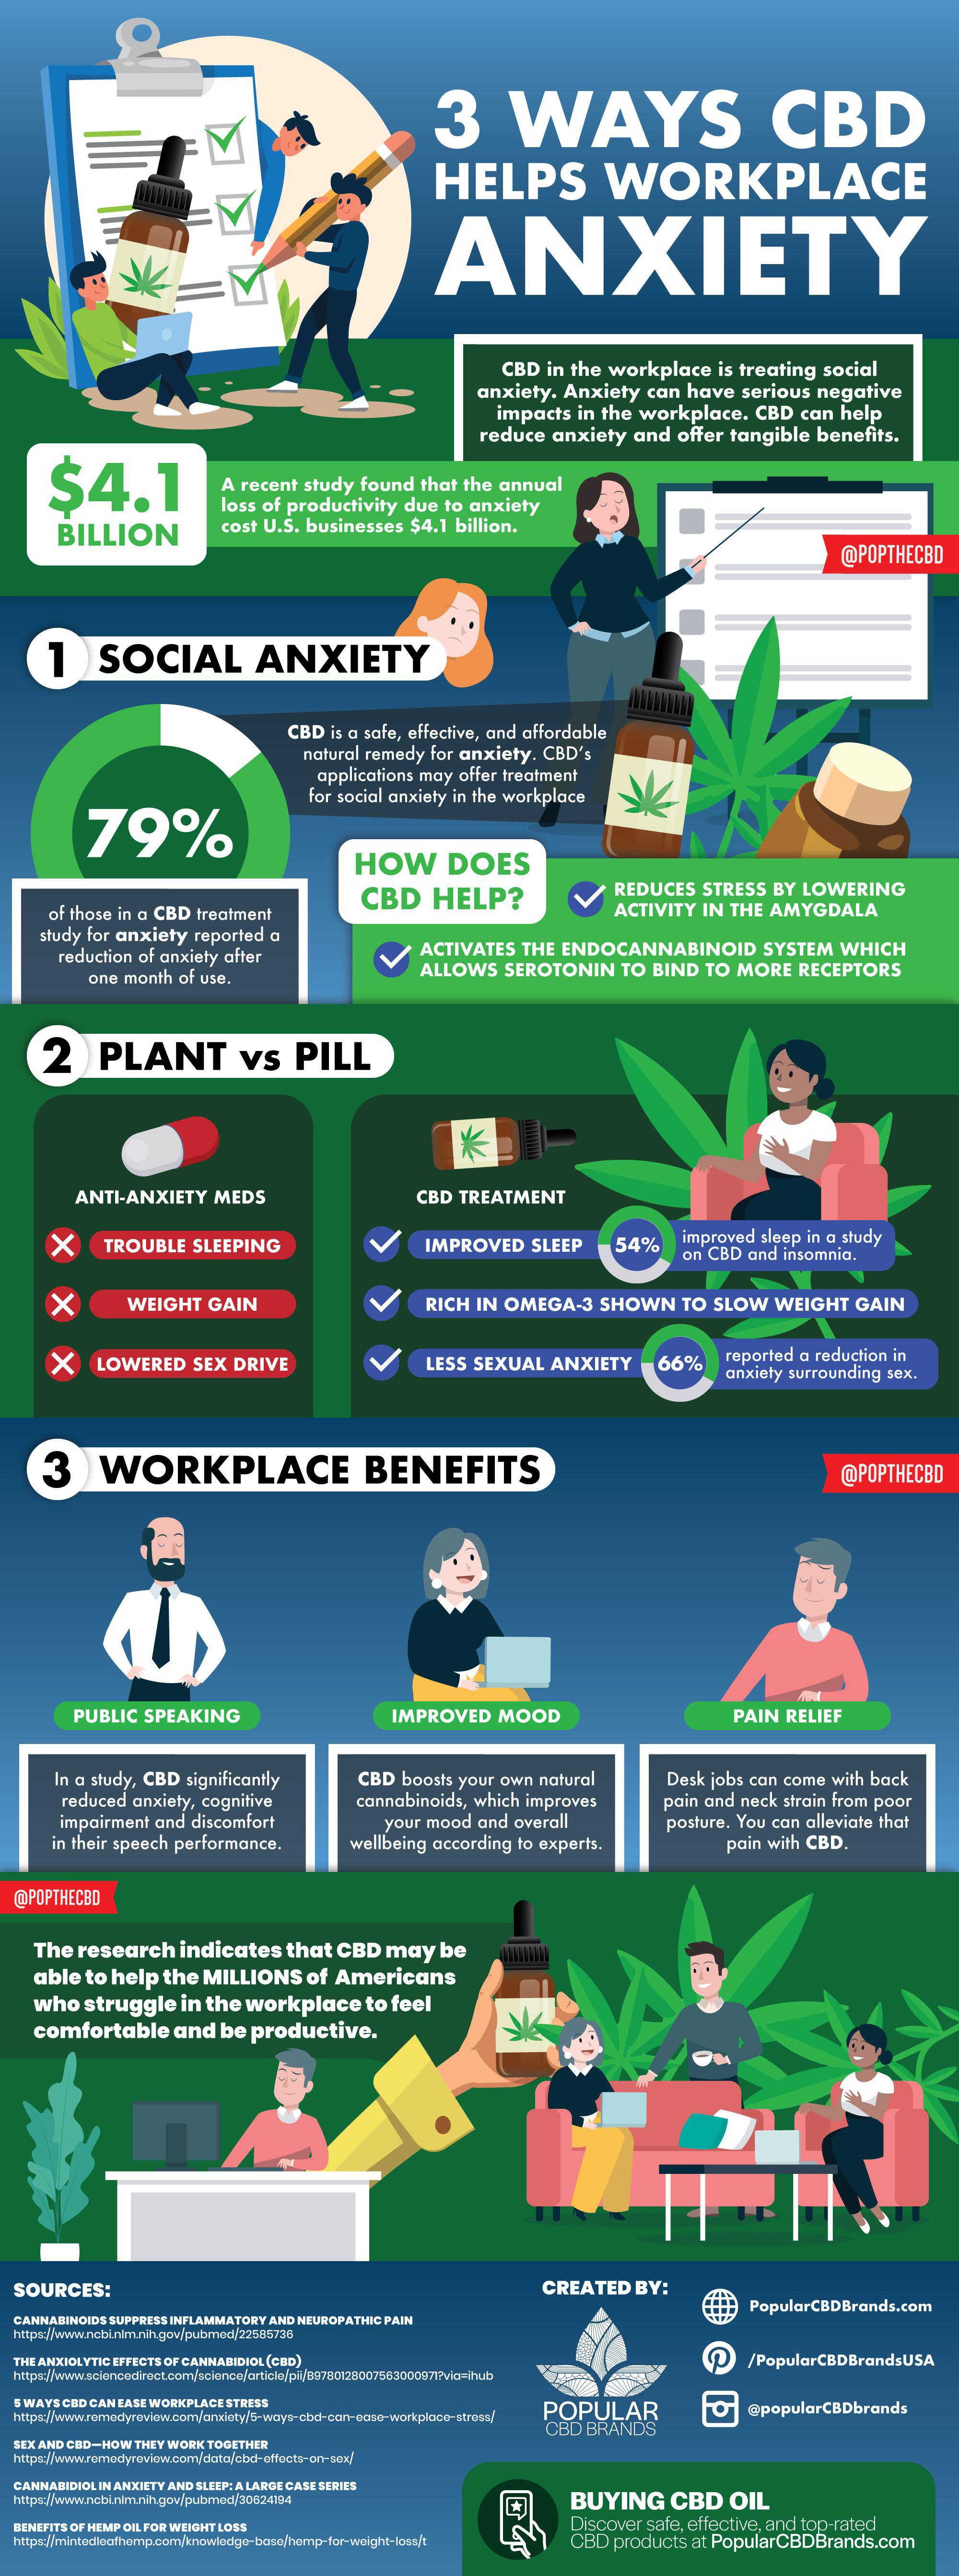 3 Ways CBD Helps Workplace Anxiety